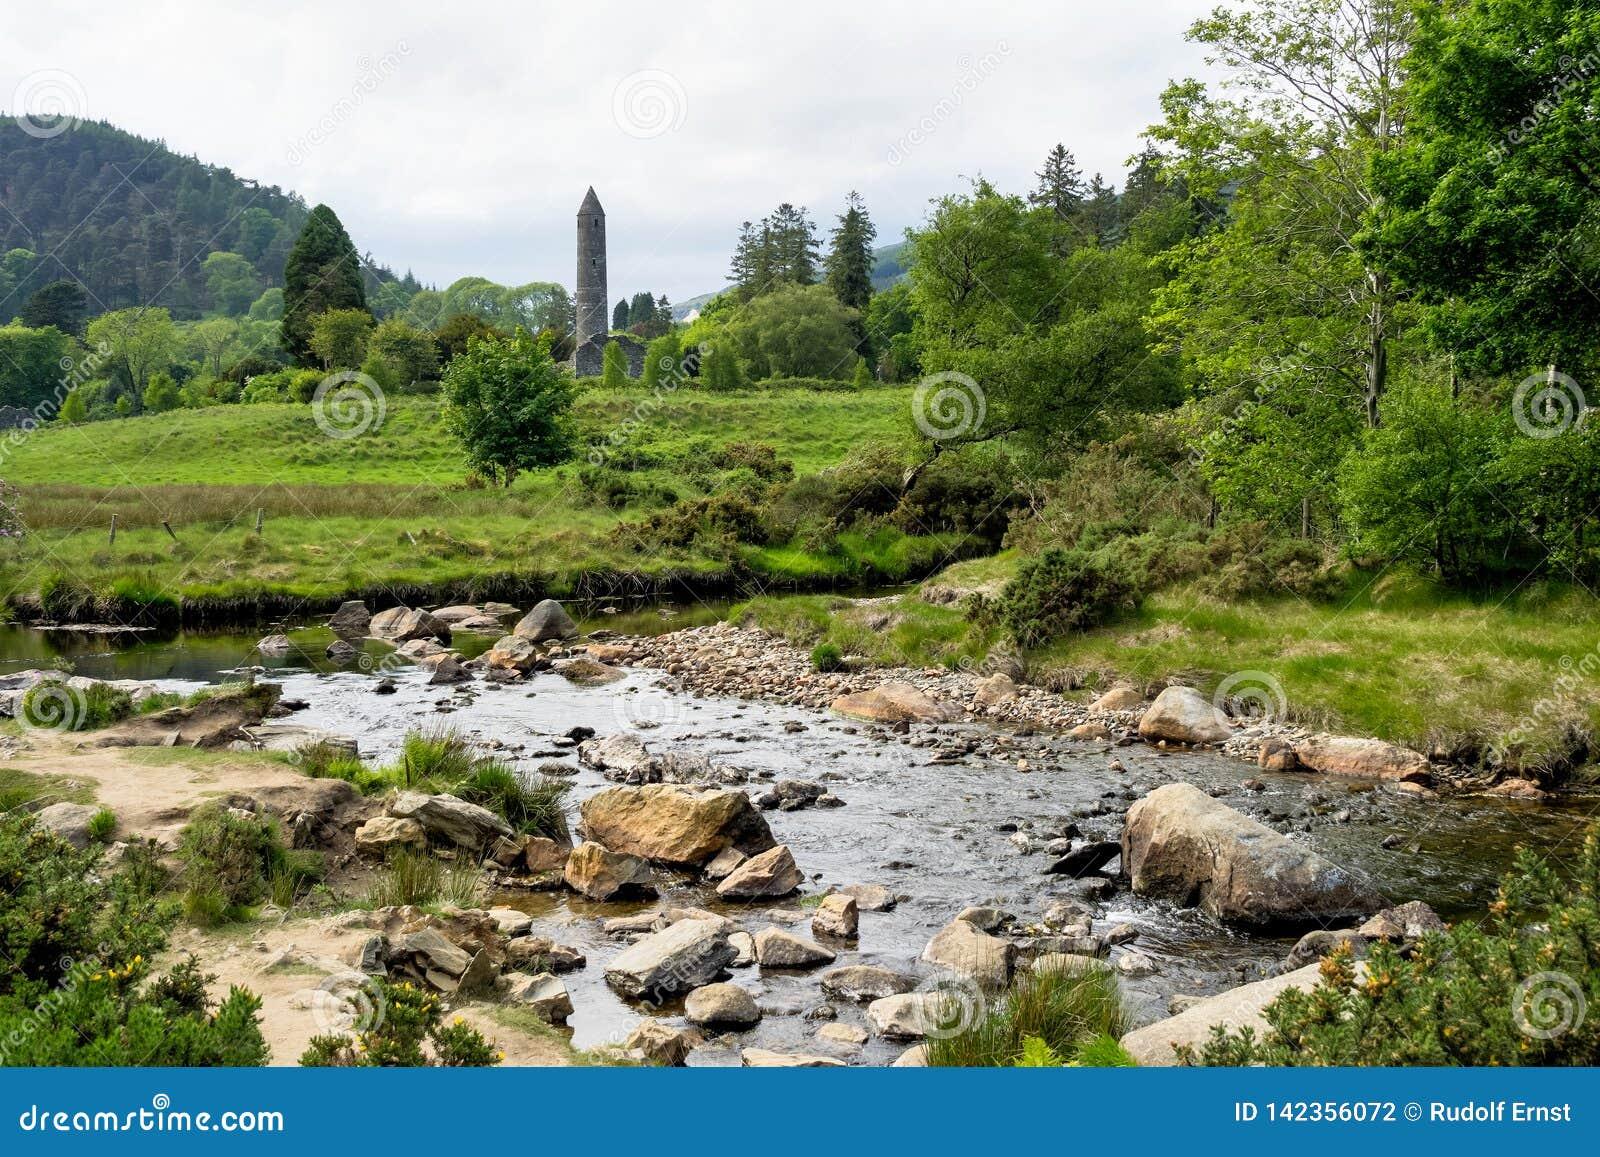 Το Glendalough είναι ένα χωριό με ένα μοναστήρι στη κομητεία Wicklow, Ιρλανδία